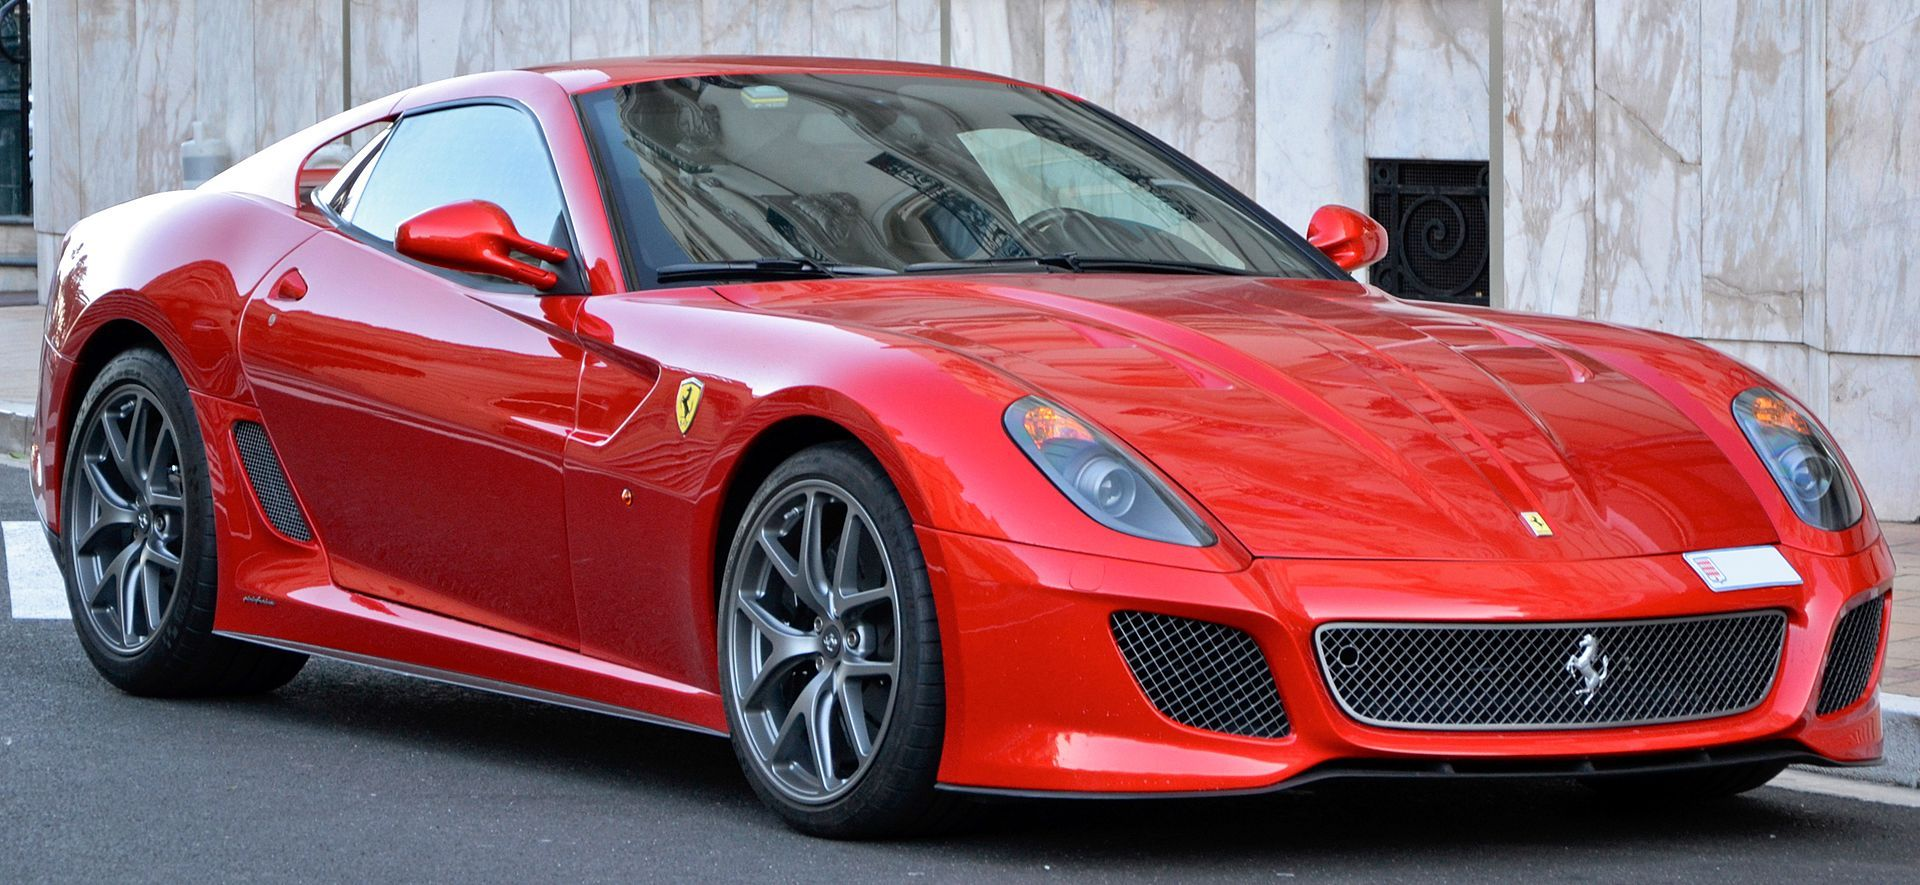 Ferrari 599 Gto Flickr Alexandre Prevot 12 Cropped